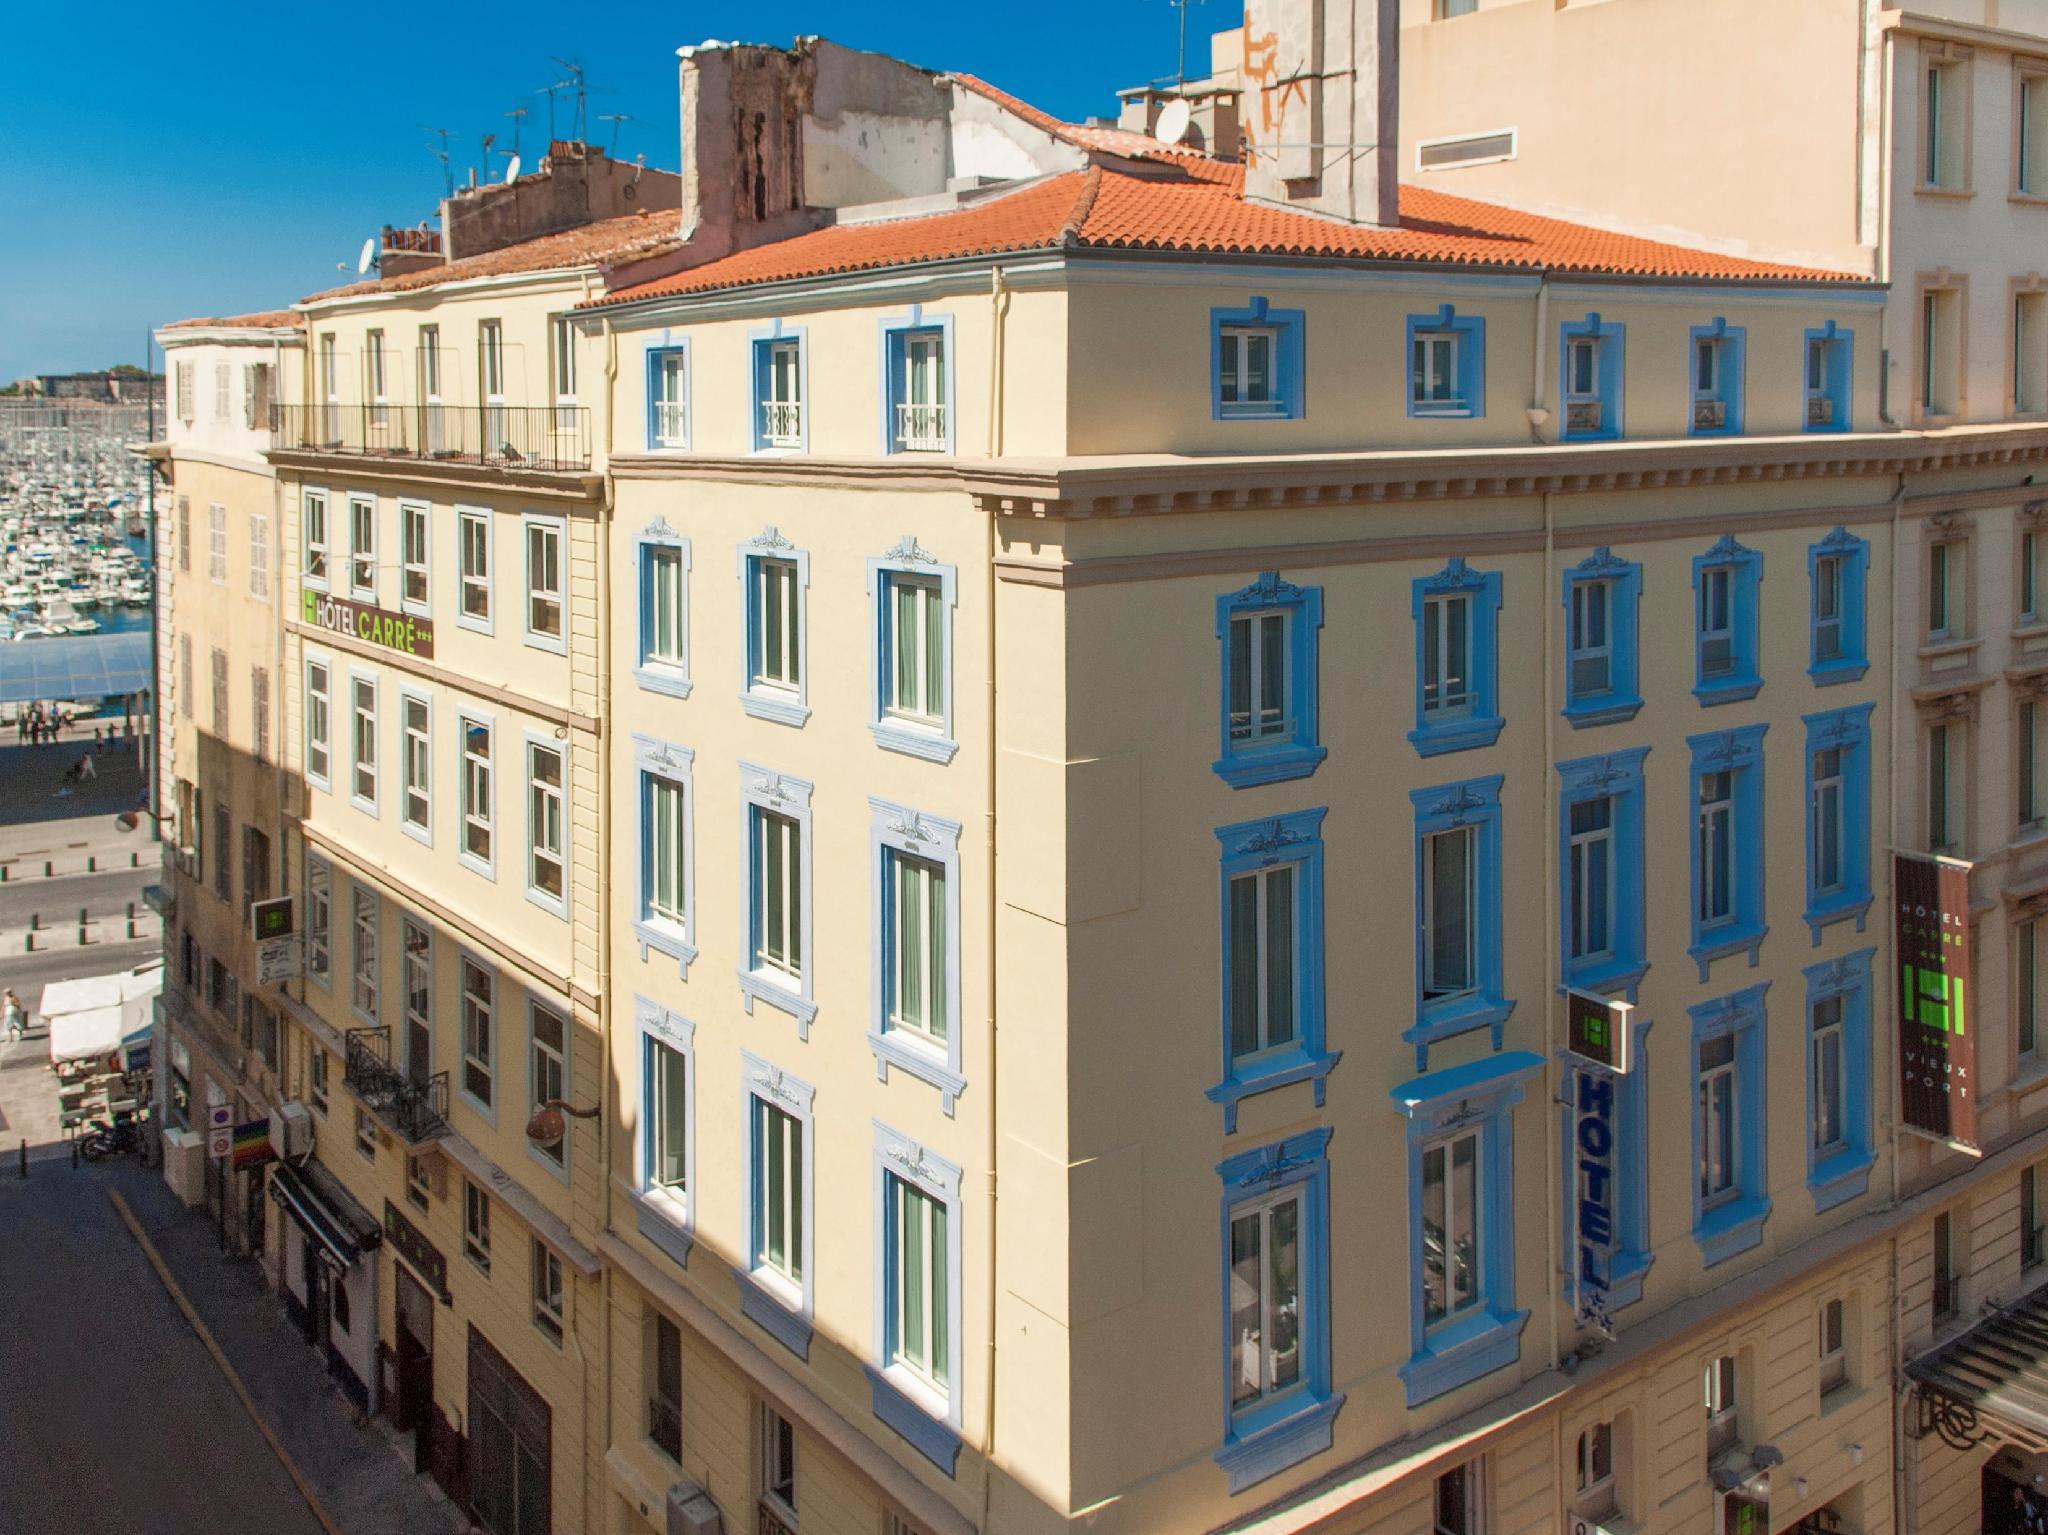 Hotel Carre Vieux Port Marseille France